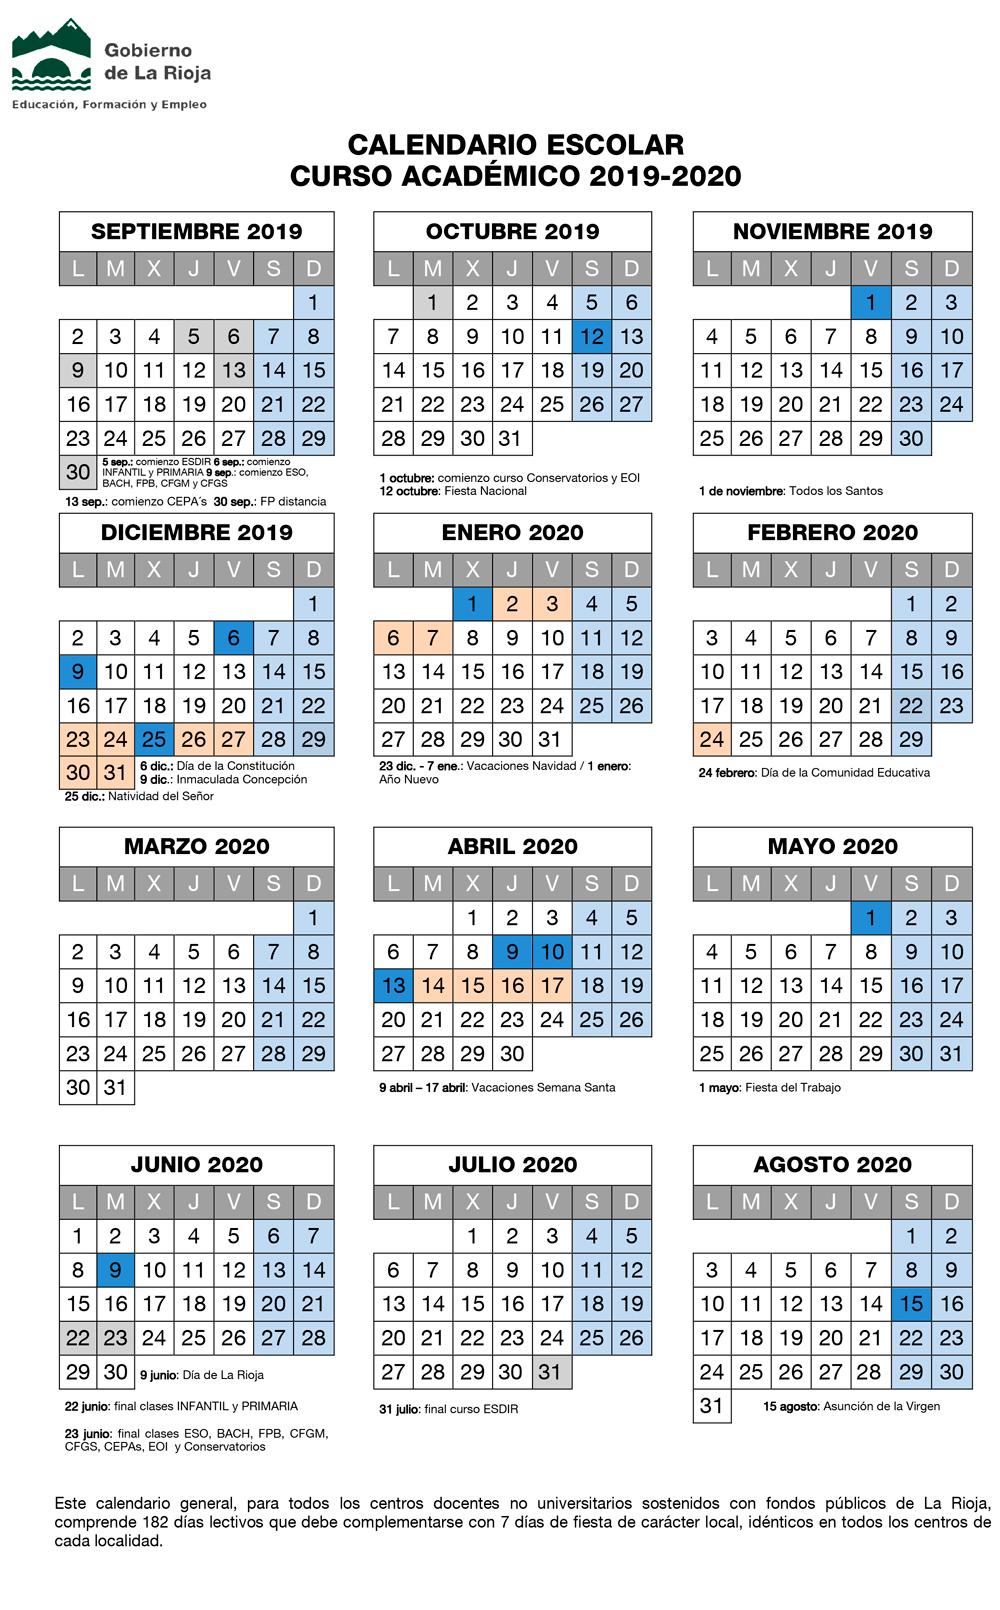 Calendario Escolar 2020 Andalucia.Calendario E3scolar